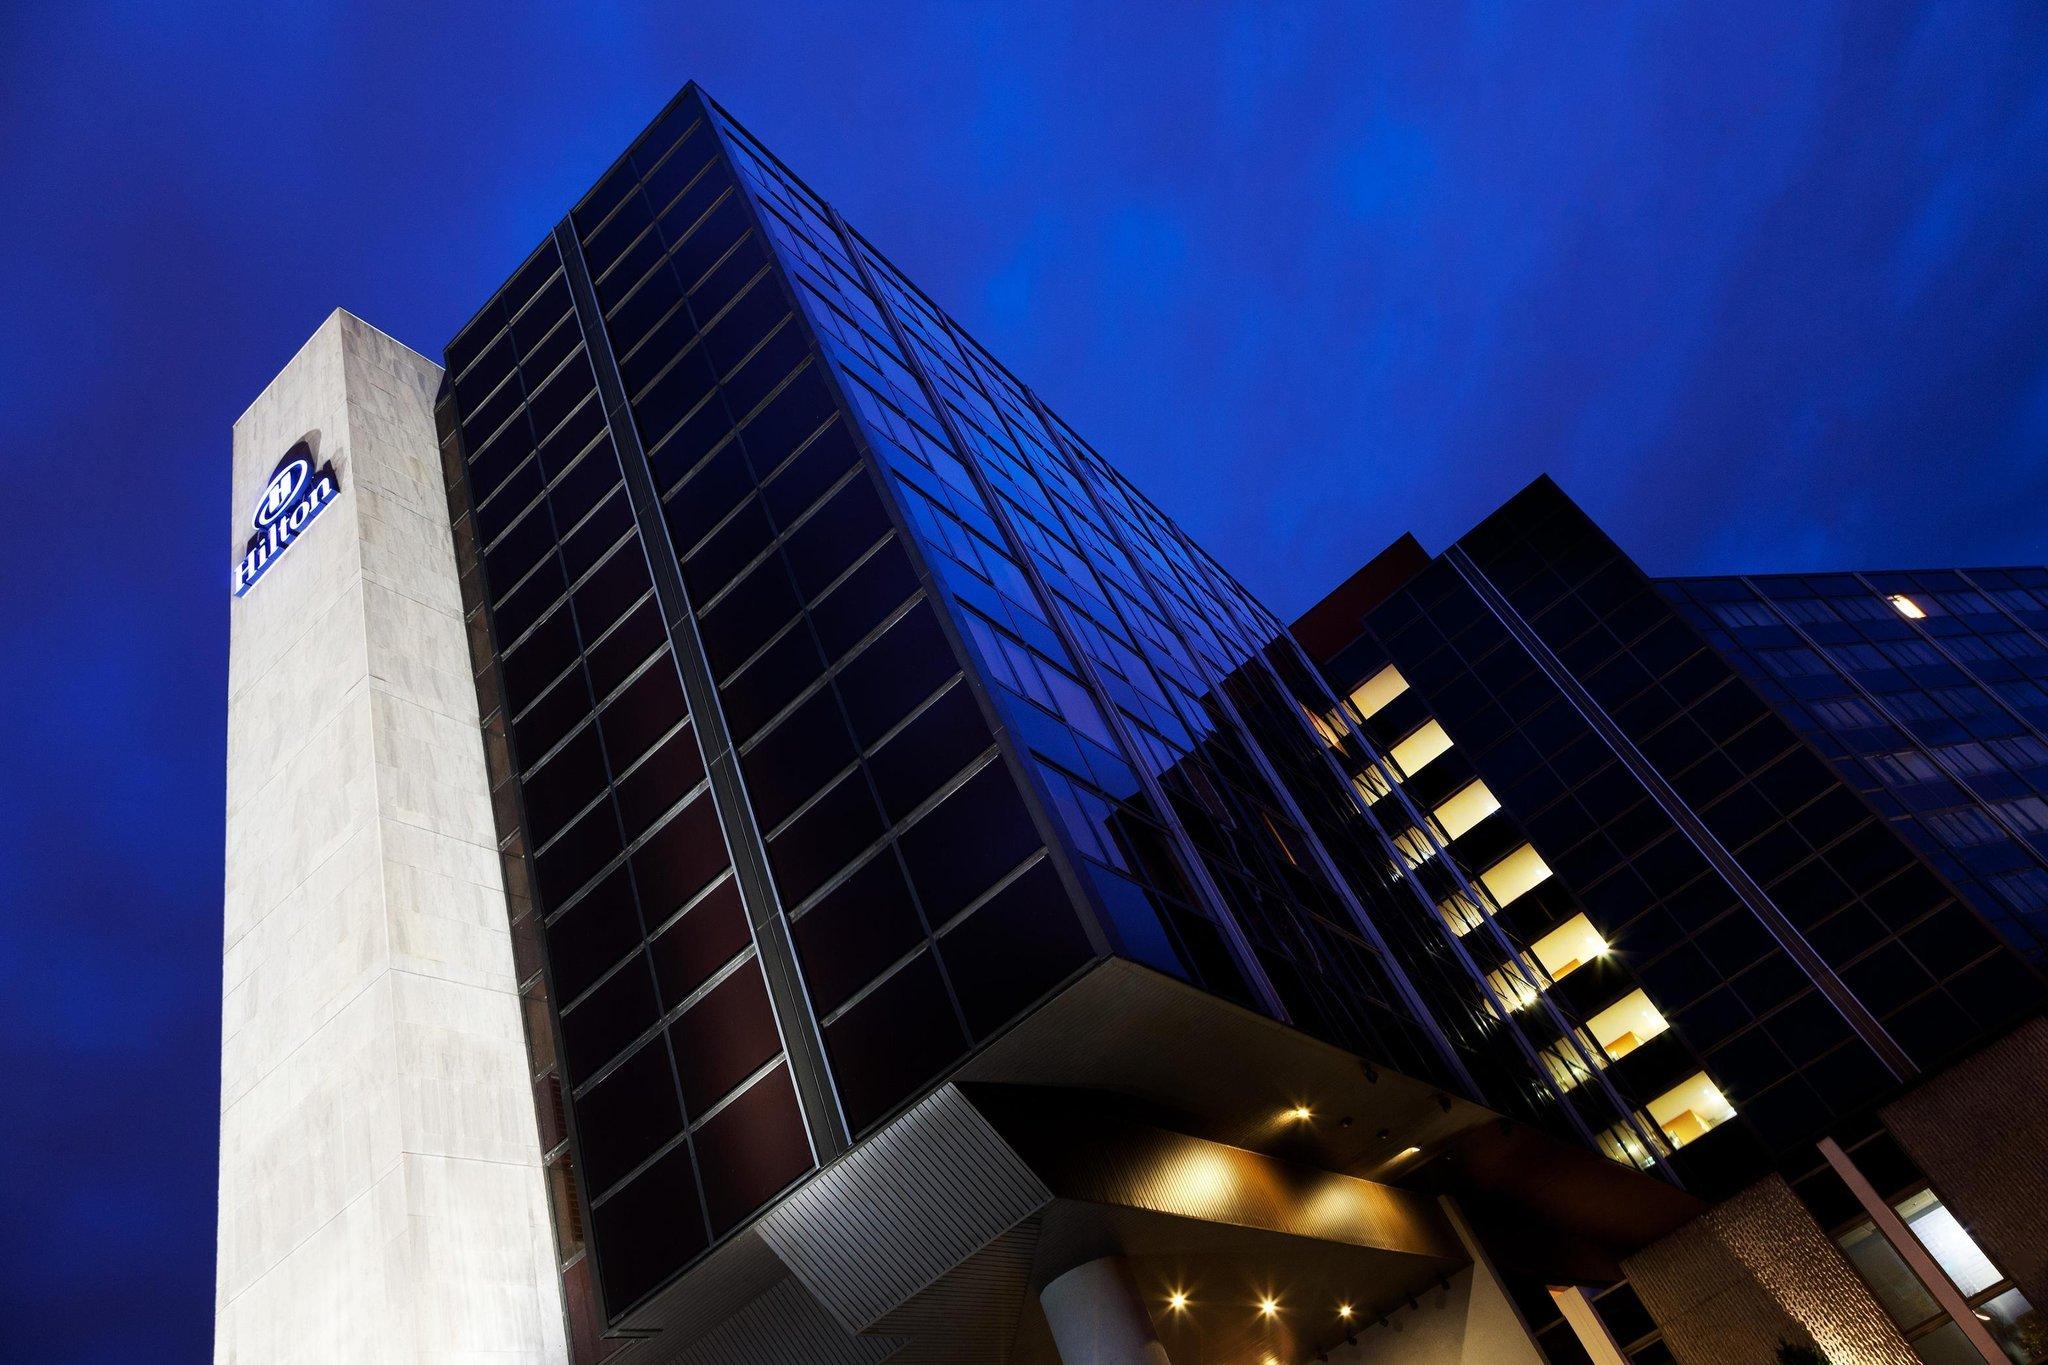 โรงแรมฮิลตันสตาร์บูร์ก